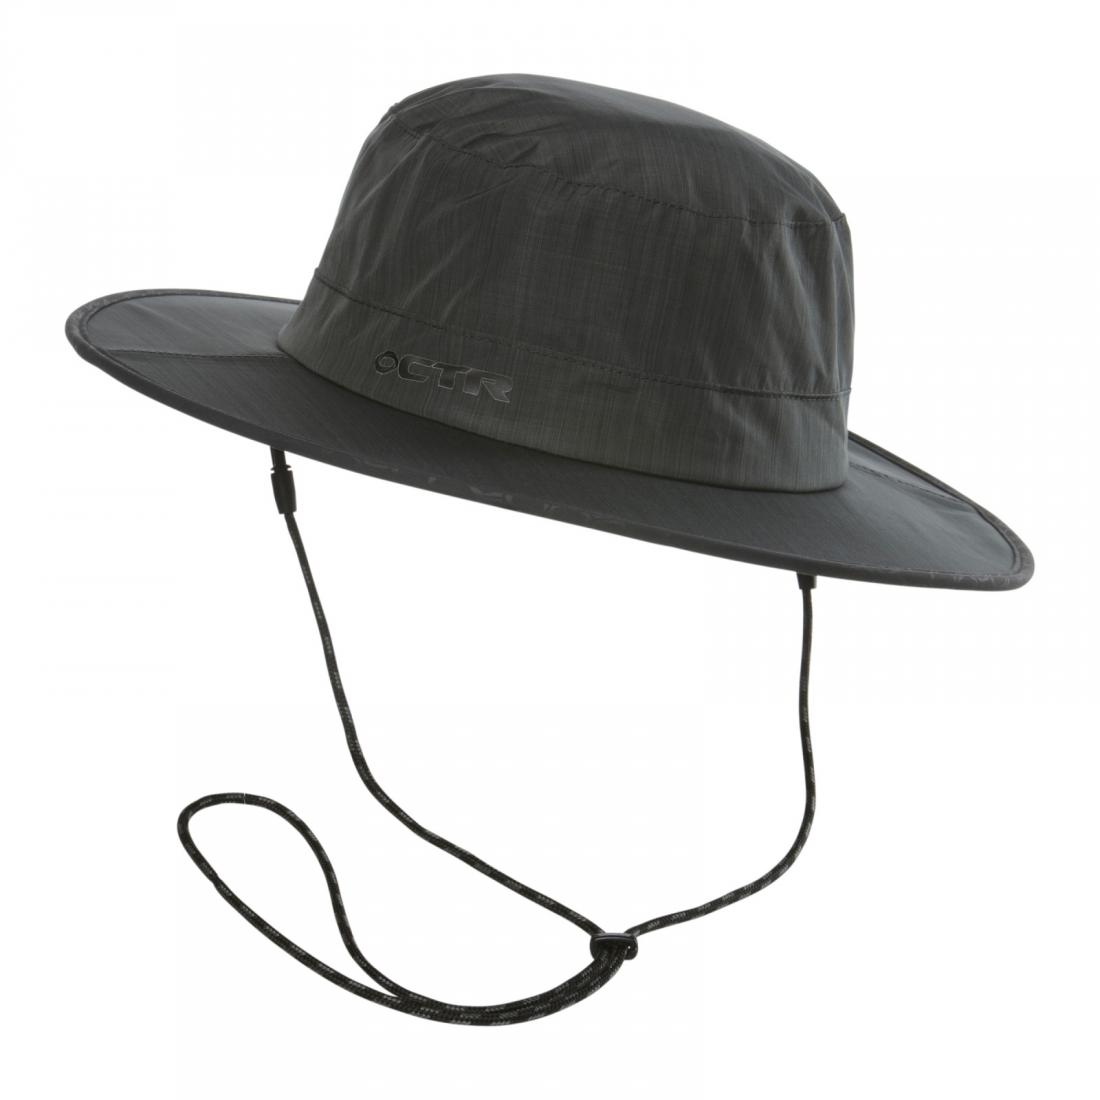 Панама Chaos  Stratus Boat HatПанамы<br><br> Удобная панама классической формы Stratus Boat Hat — это стильное решение для путешественников от фирмы Chaos. Она пригодится вам в любую погоду — и в дождь, и в солнечный день. Лаконичный дизайн позволяет носить эту модель как мужчинам, так и женщ...<br><br>Цвет: Темно-серый<br>Размер: L-XL